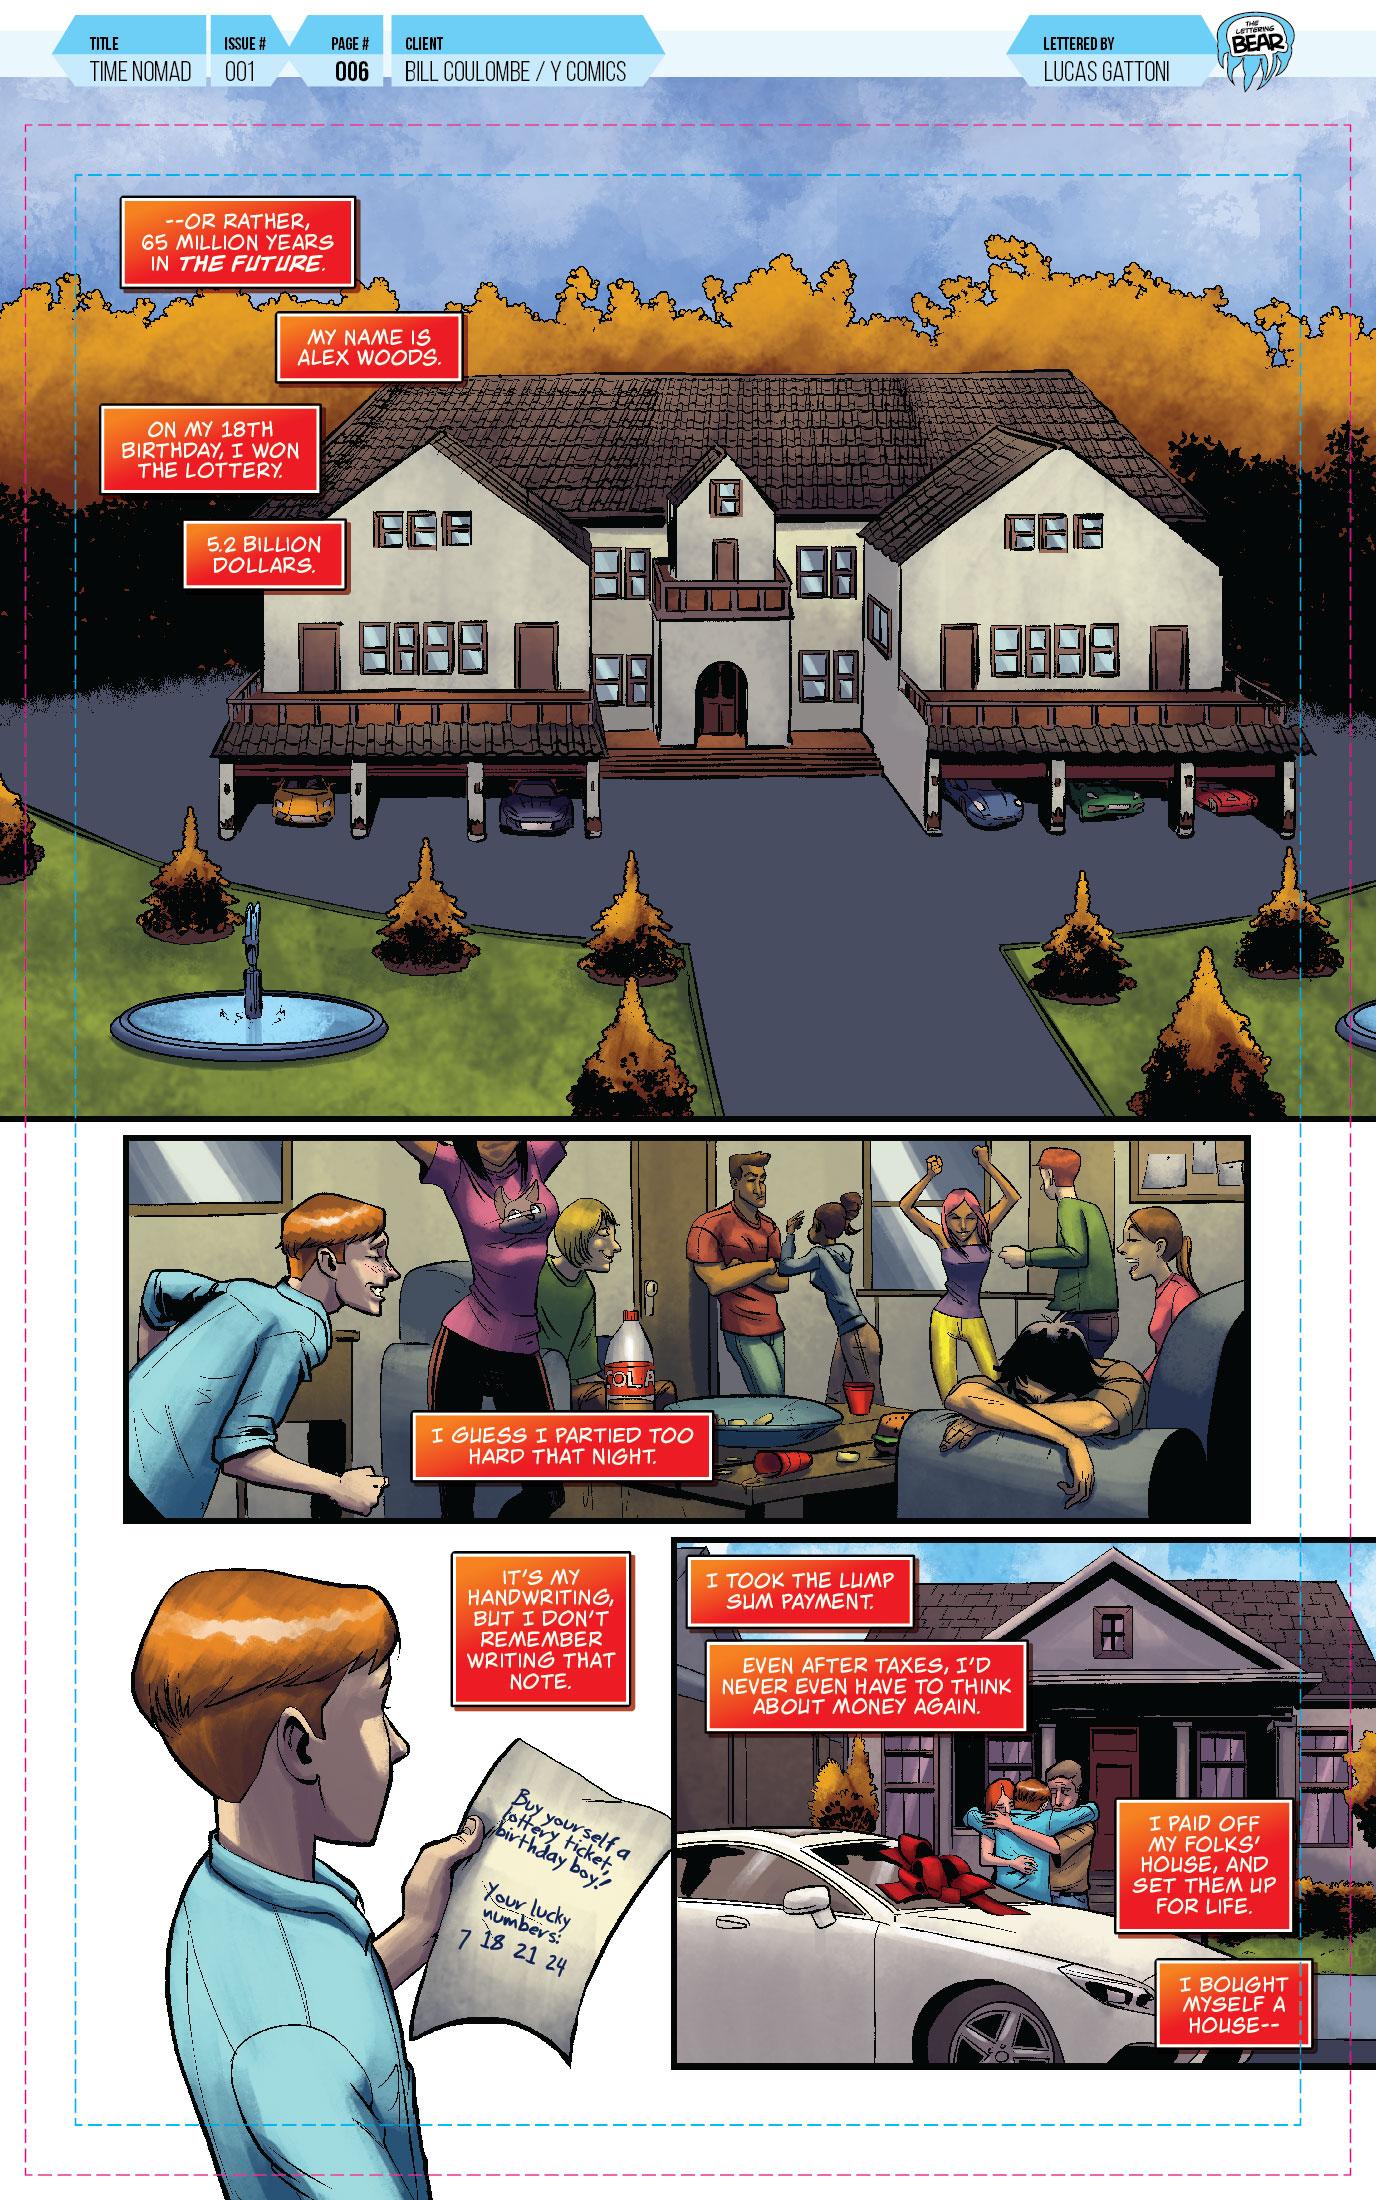 Time Nomad 001 - Page 006-v1.jpg